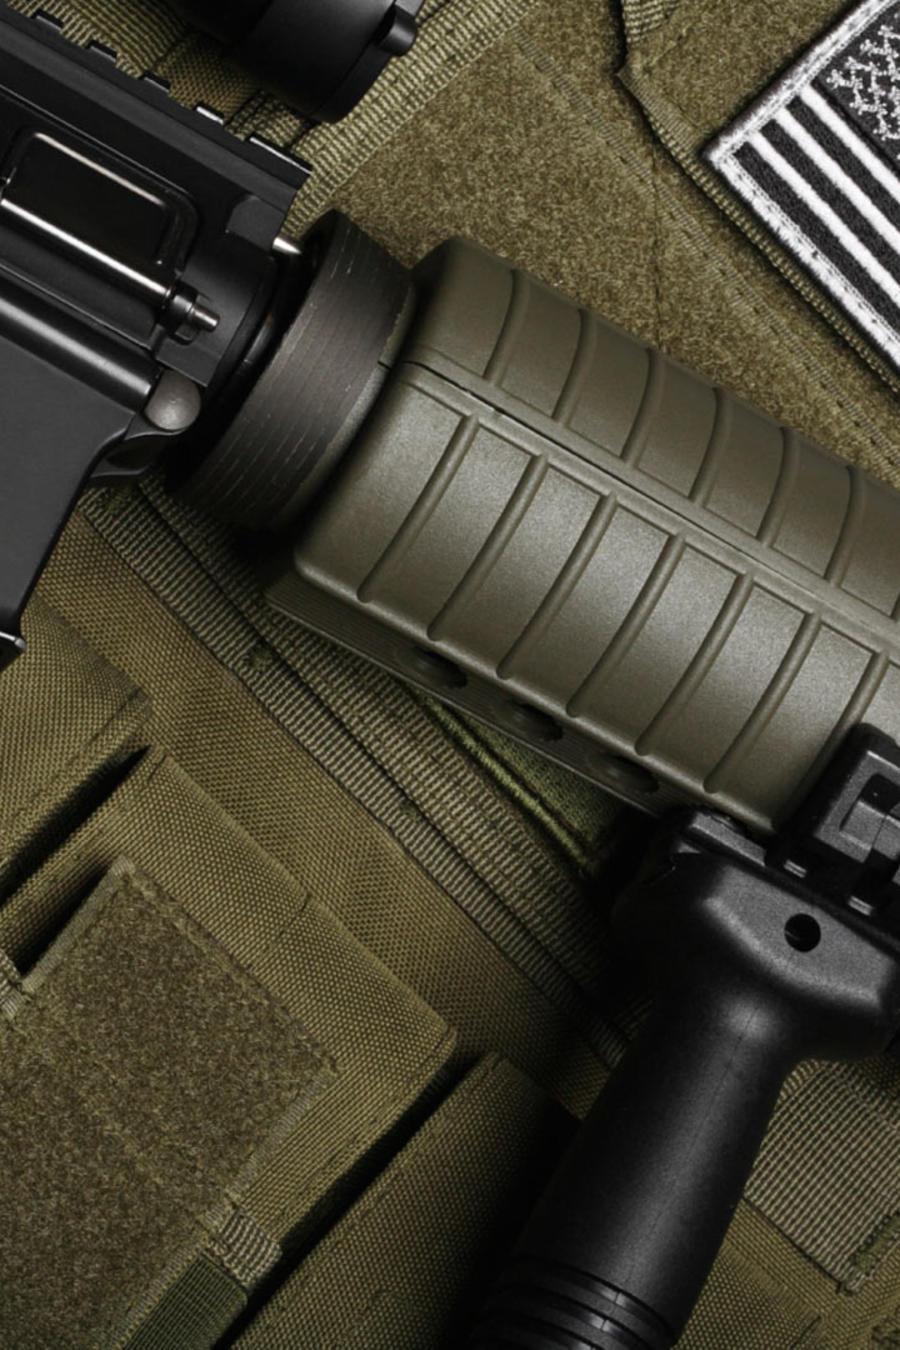 rechazan-bloquear-prohibicion-rifles-en-chicago